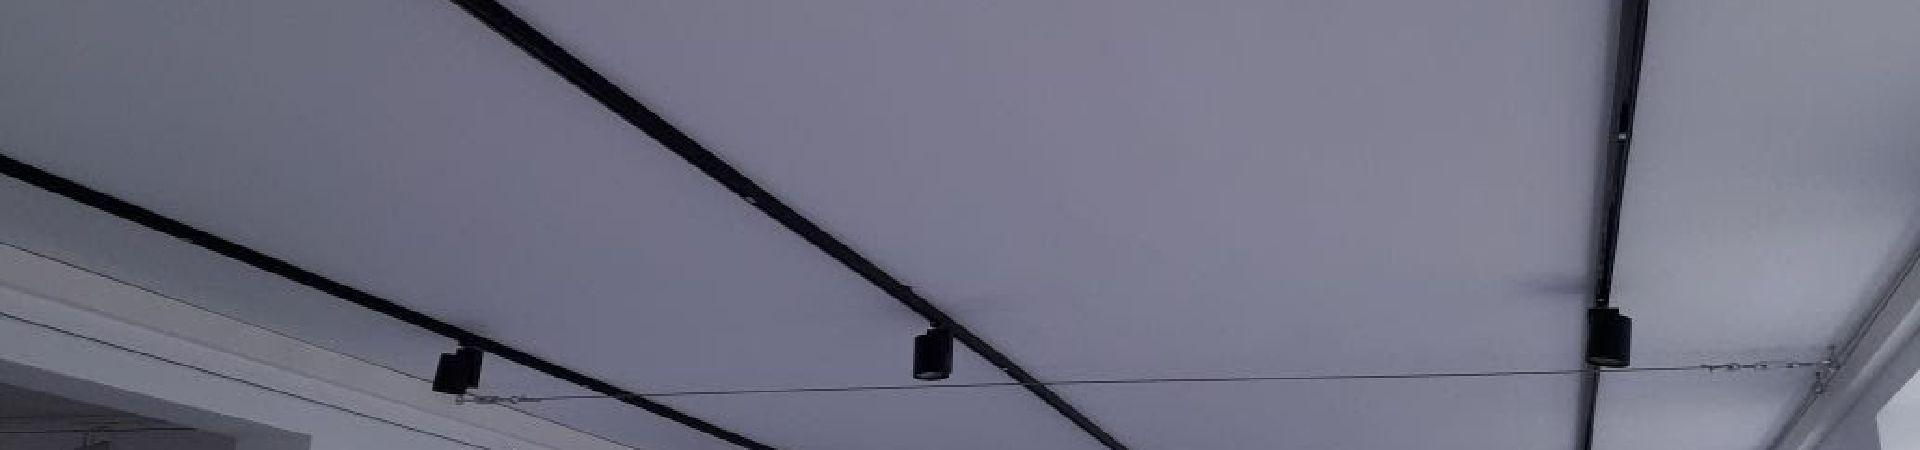 Gewerbe, LED, Beleuchtung, Licht, Schienensystem